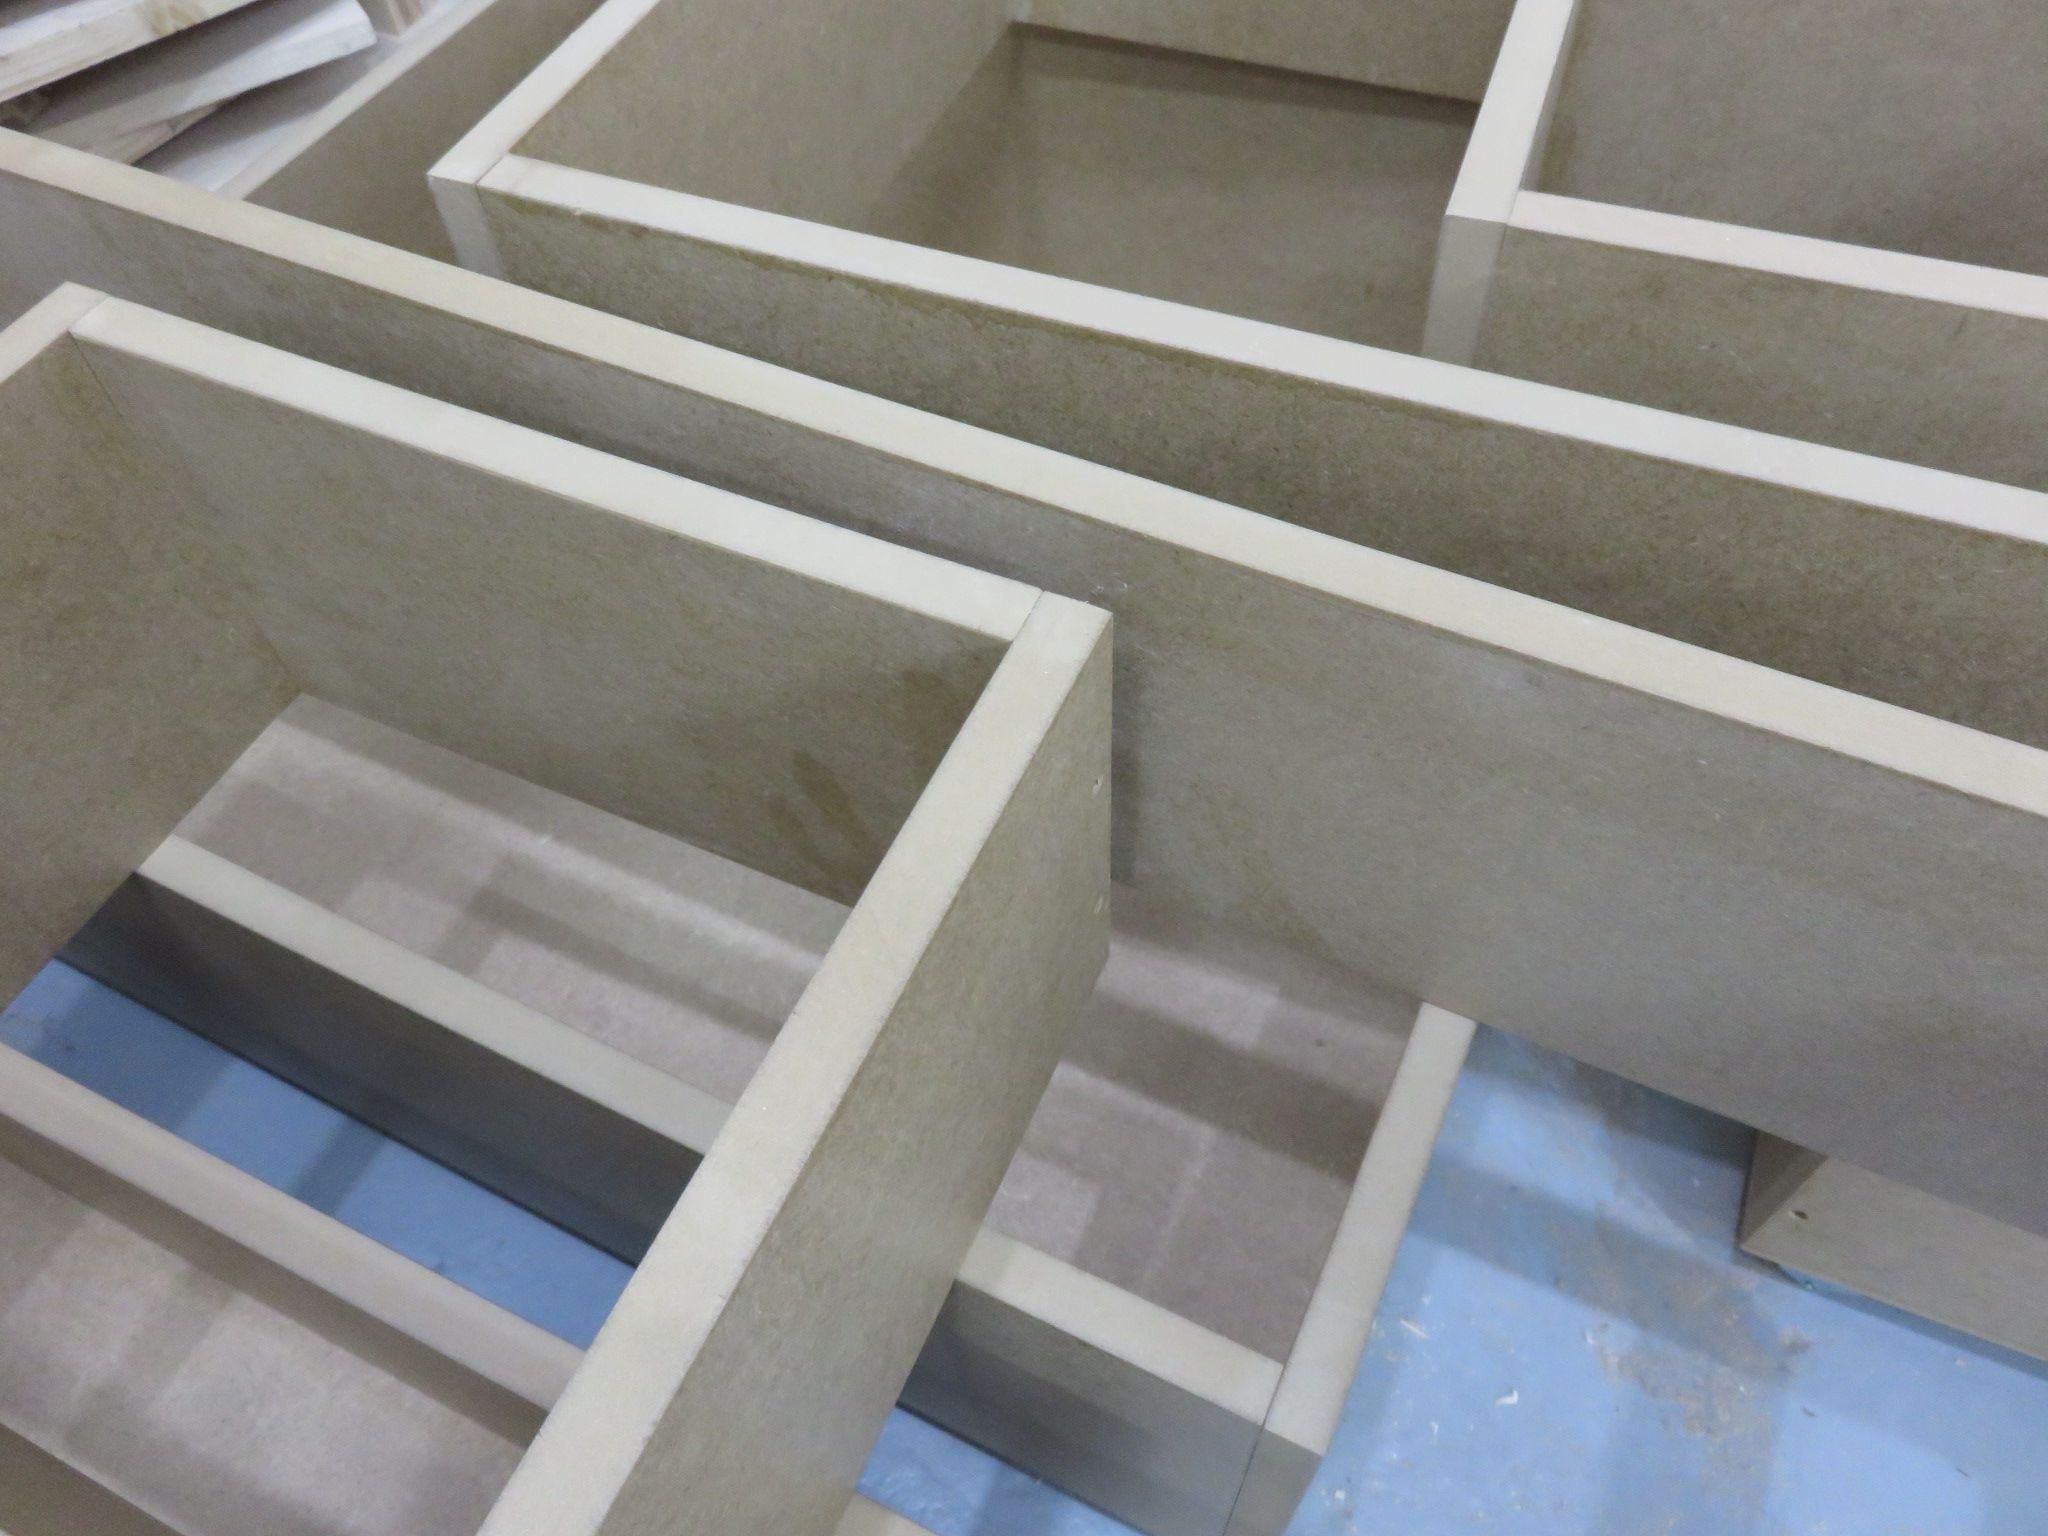 Mobiliario decorativo y funcional de madera a medida